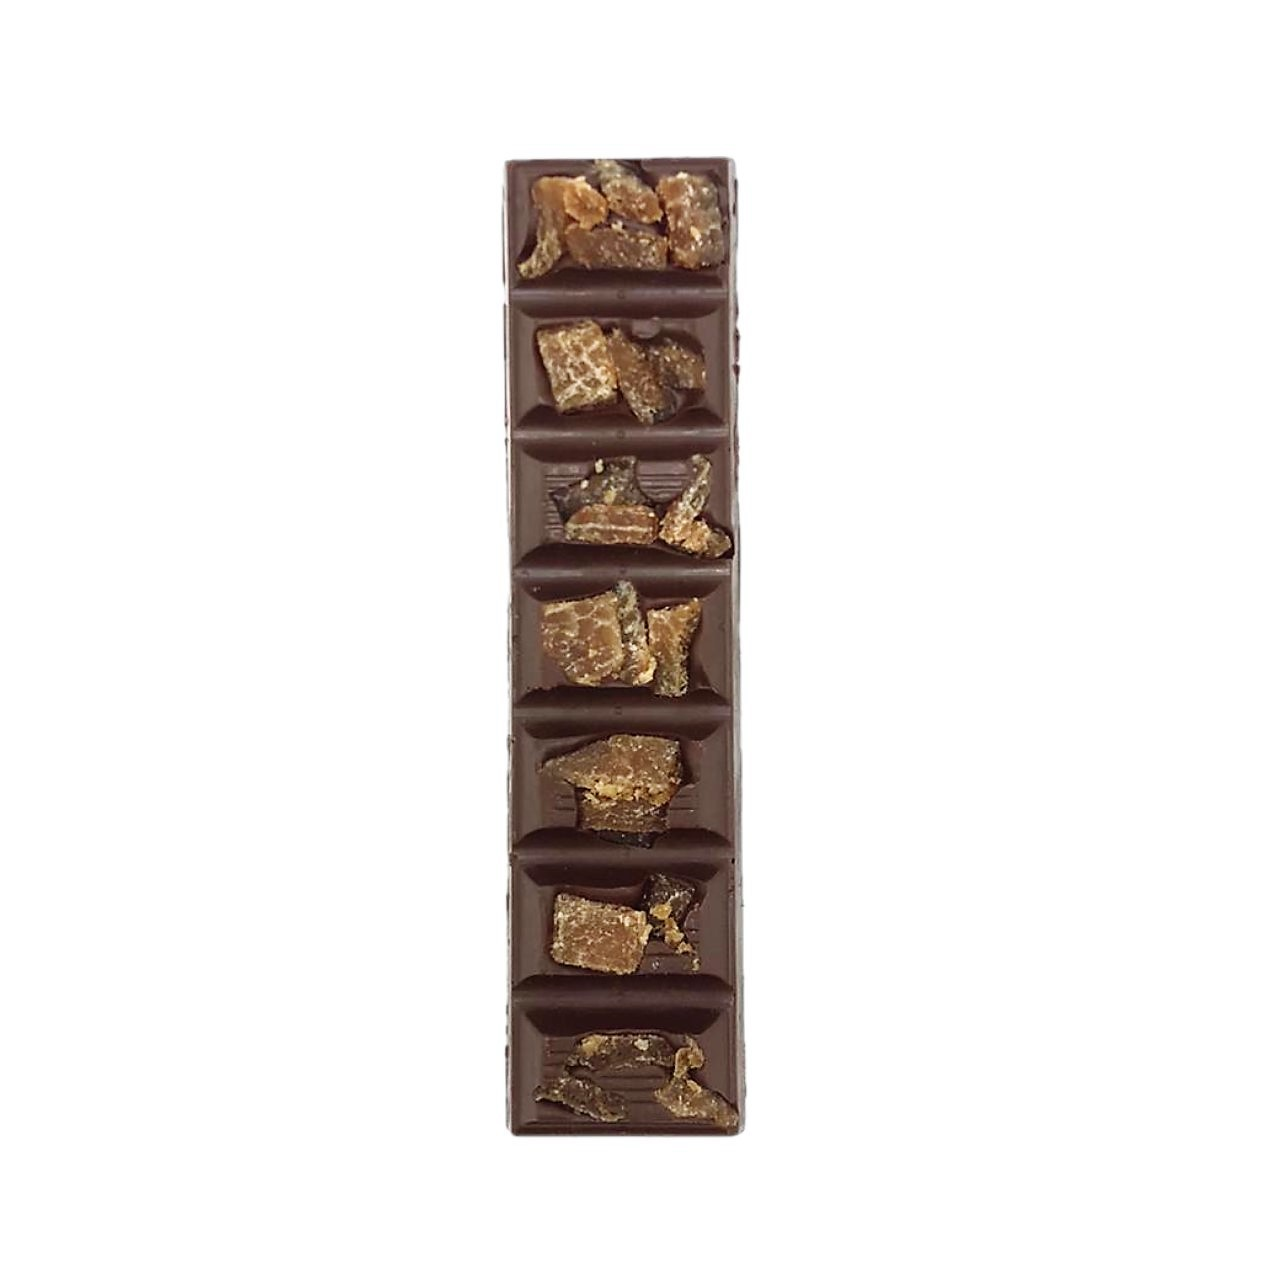 Barra de Chocolate Meio Amargo com Cupuaçu